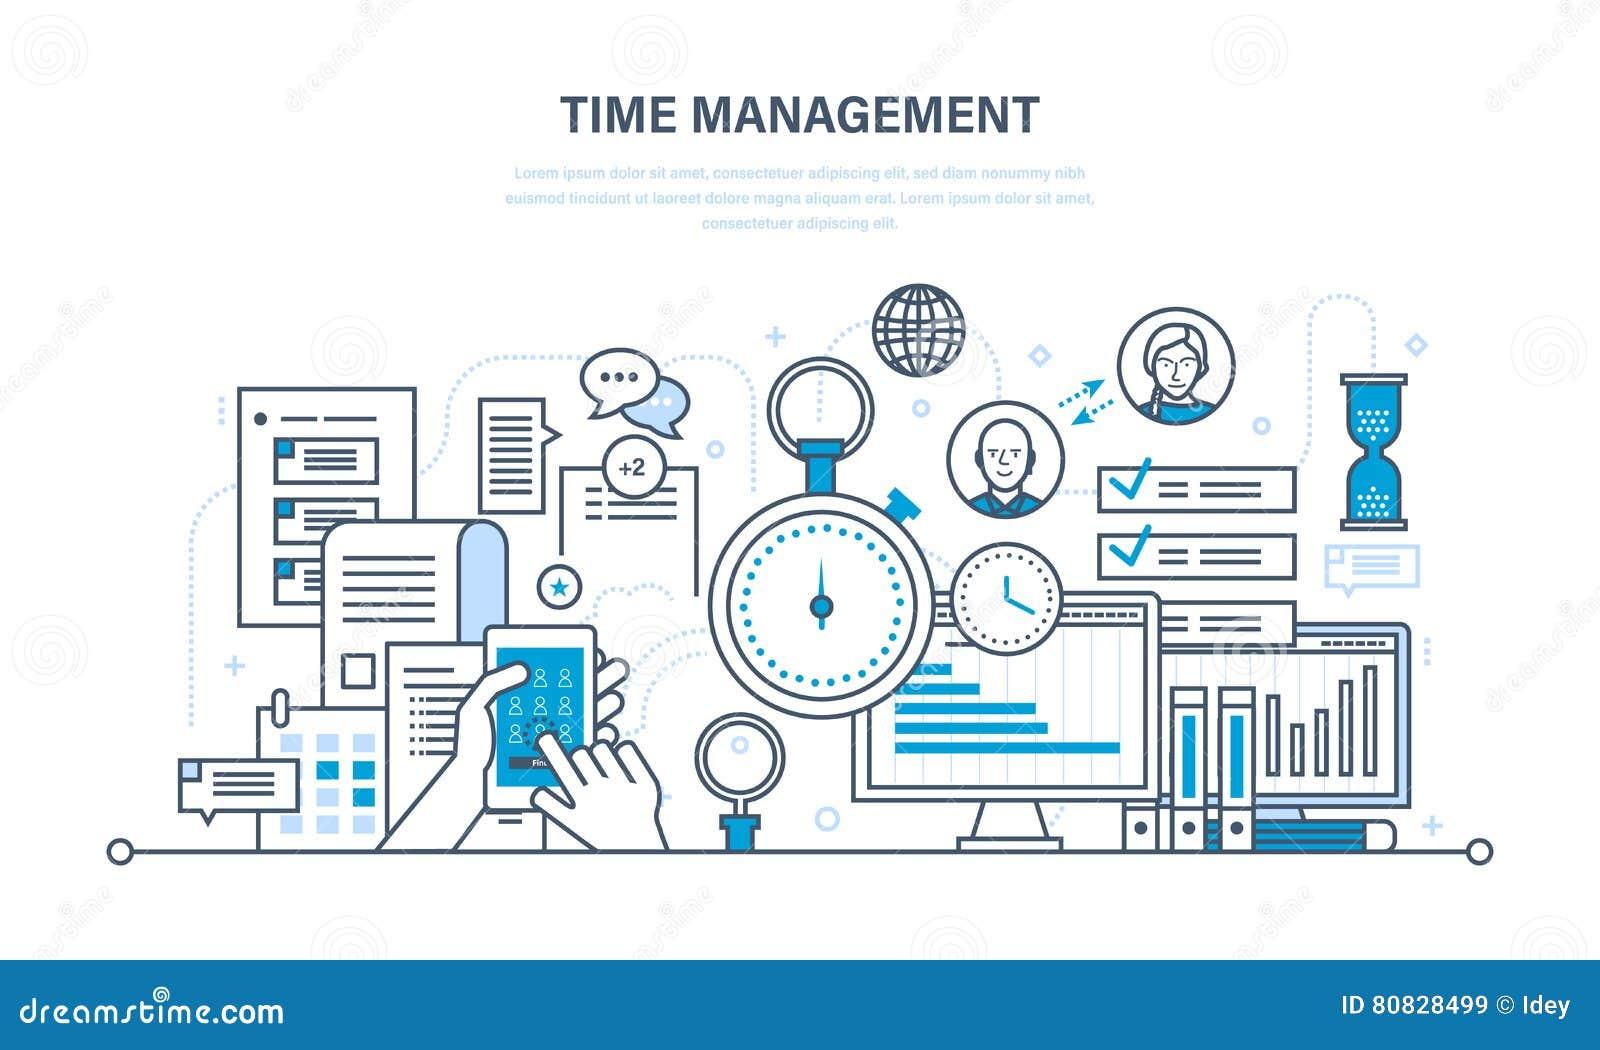 La gestión de tiempo, planeamiento, organización de trabajo, trabaja control de proceso